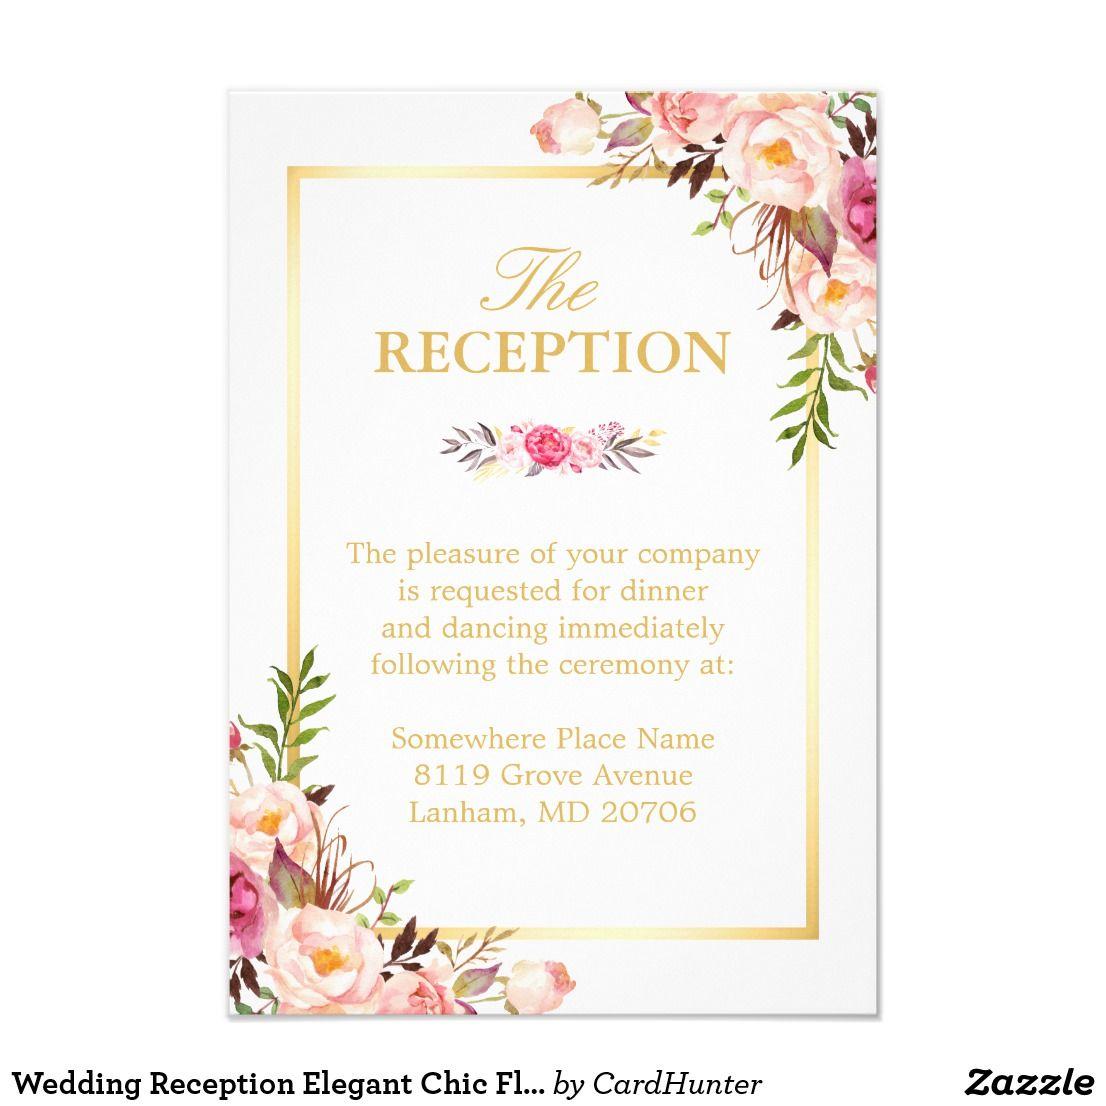 Wedding reception elegant chic floral gold frame enclosure